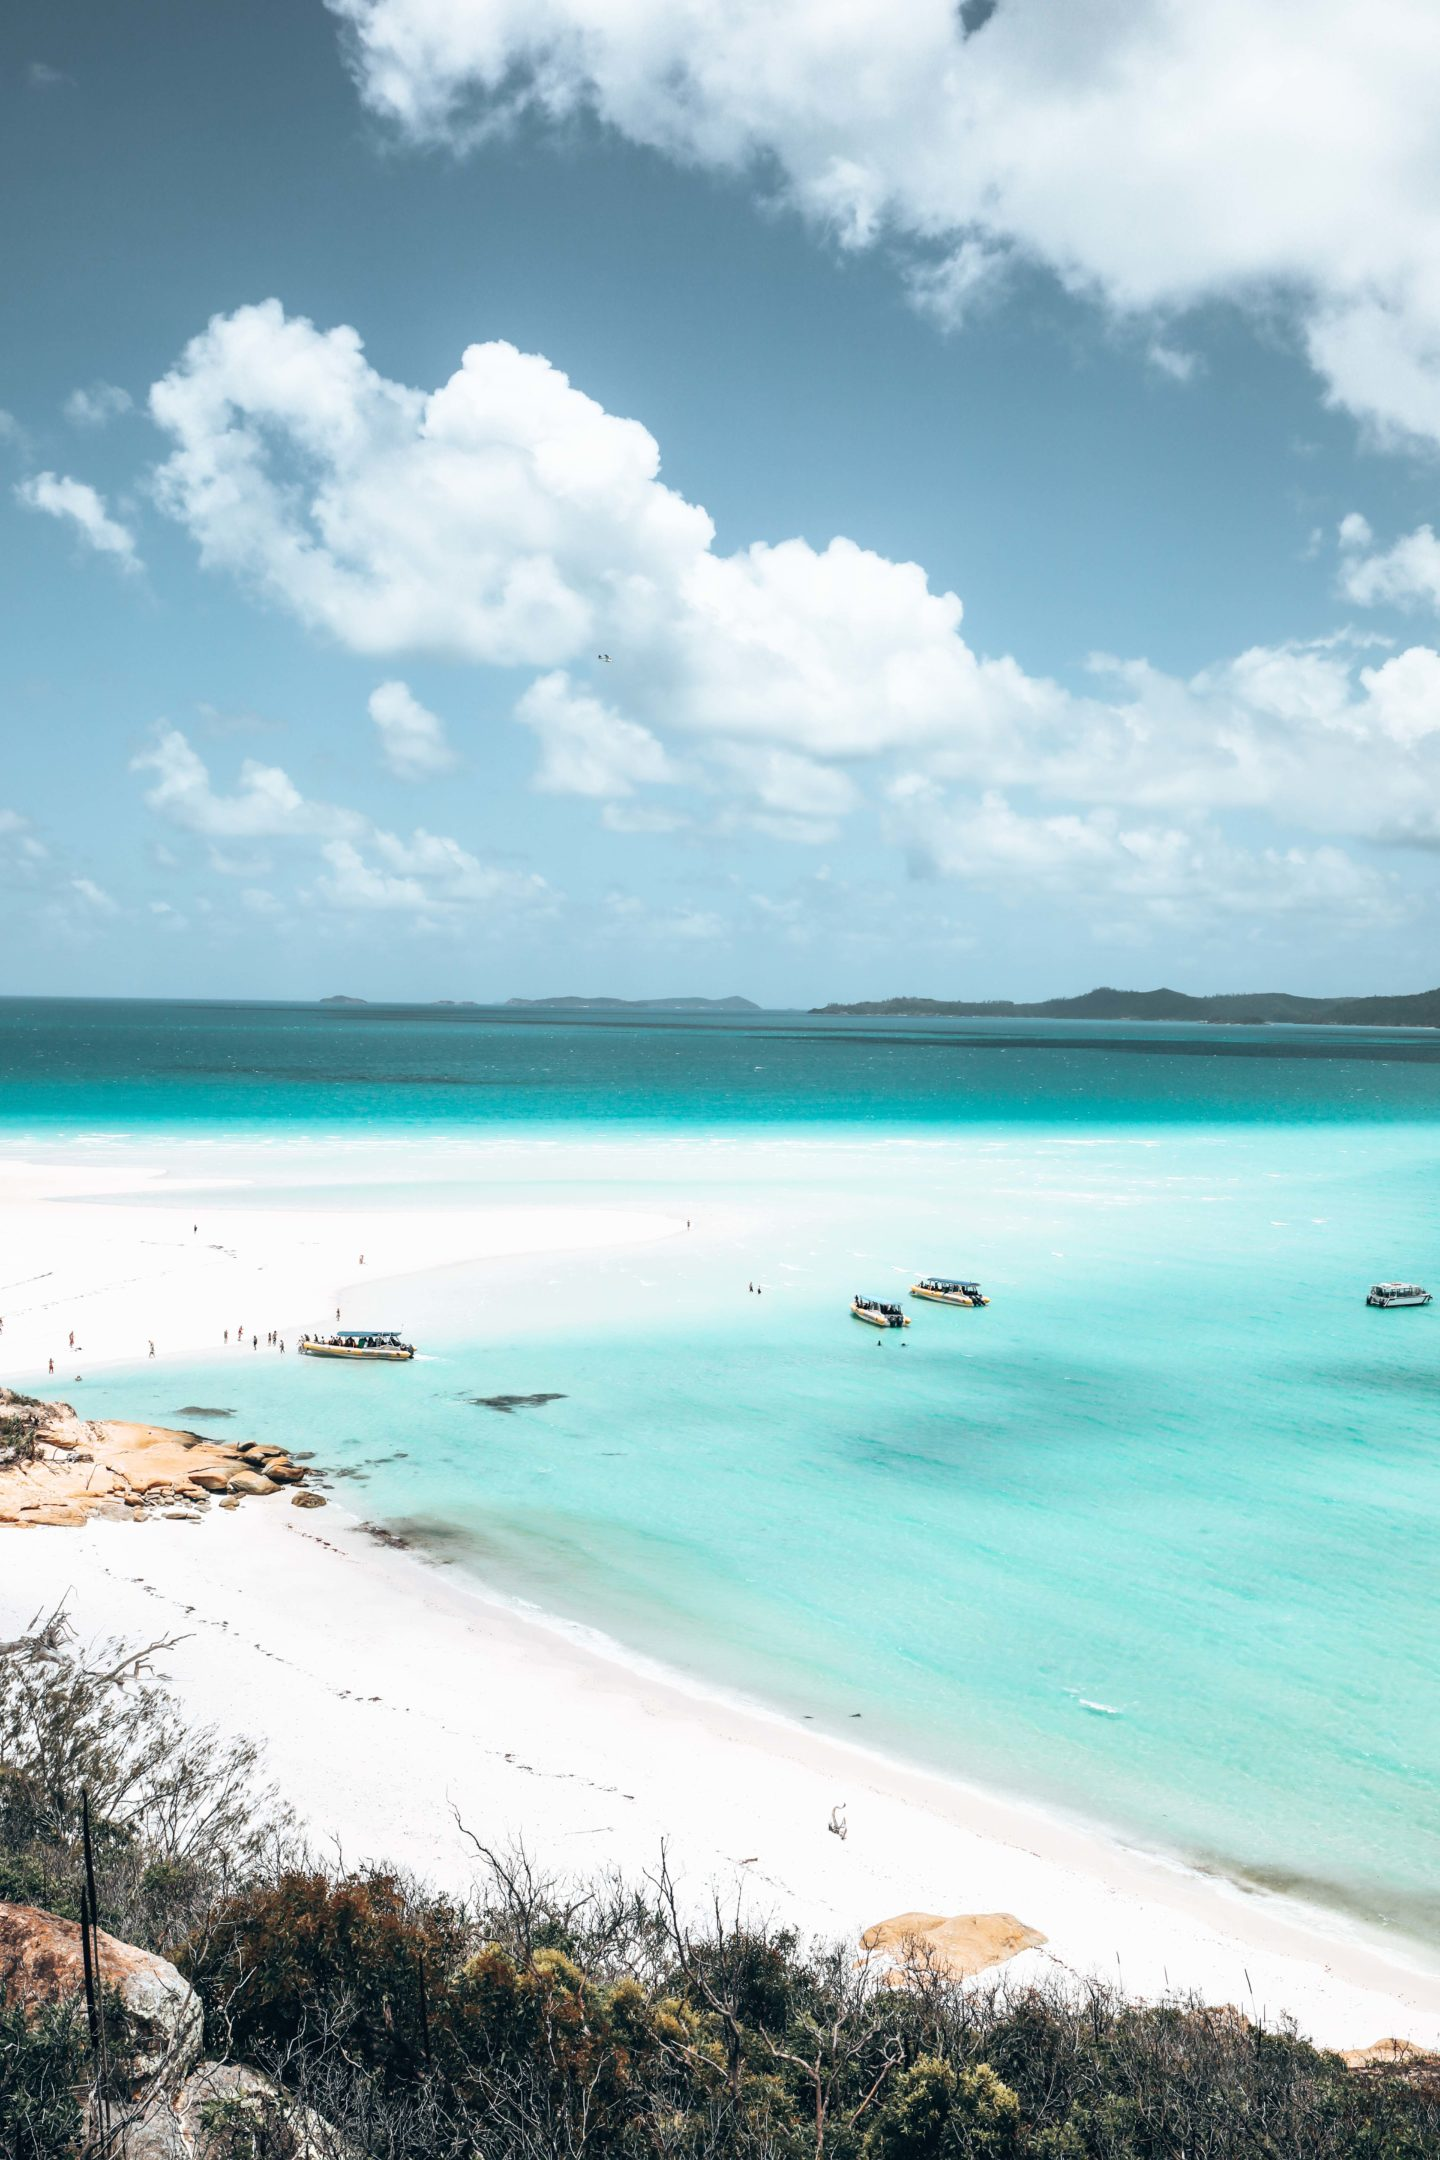 Whitehaven Beach Australie - Blondie baby blog mode et voyages